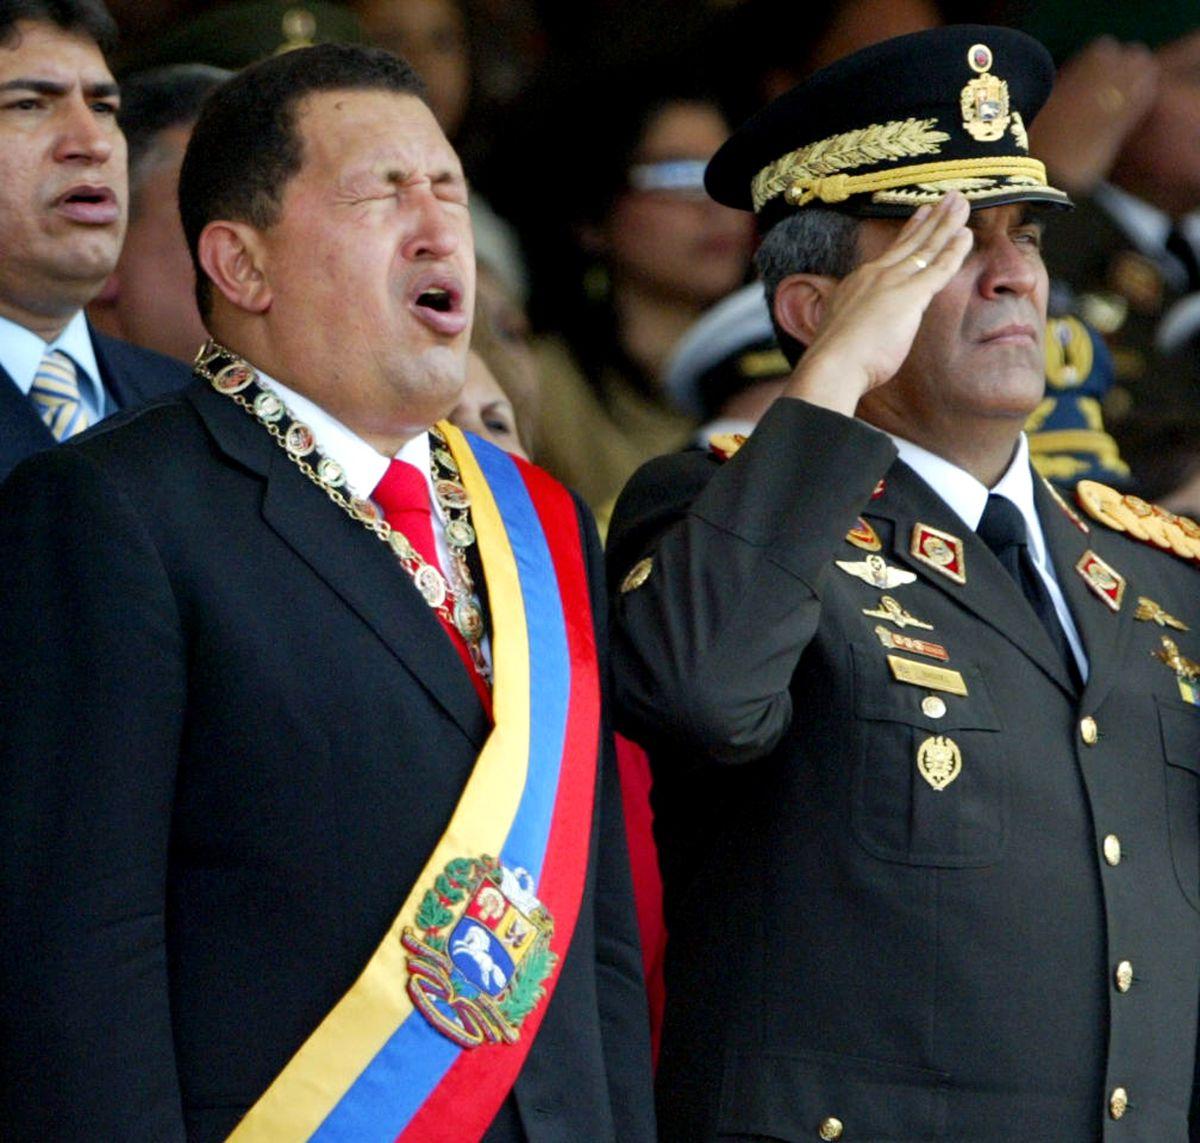 El presidente venezolano Hugo Chávez junto al general Raúl Baduel, durante un desfile militar en 2007 en Caracas, Venezuela.